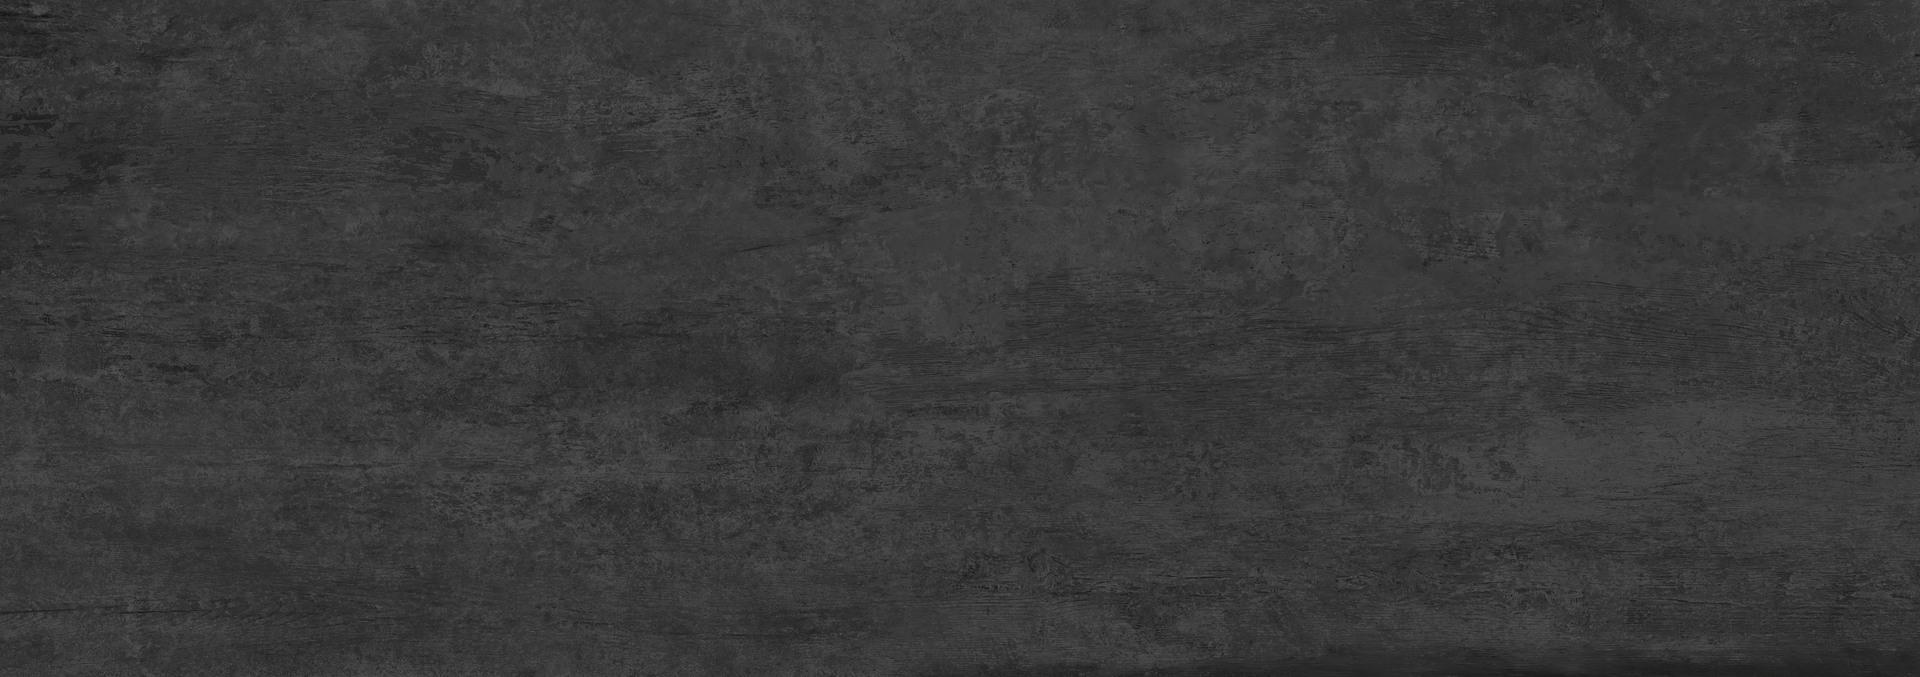 Cemento Nero Bocciardato